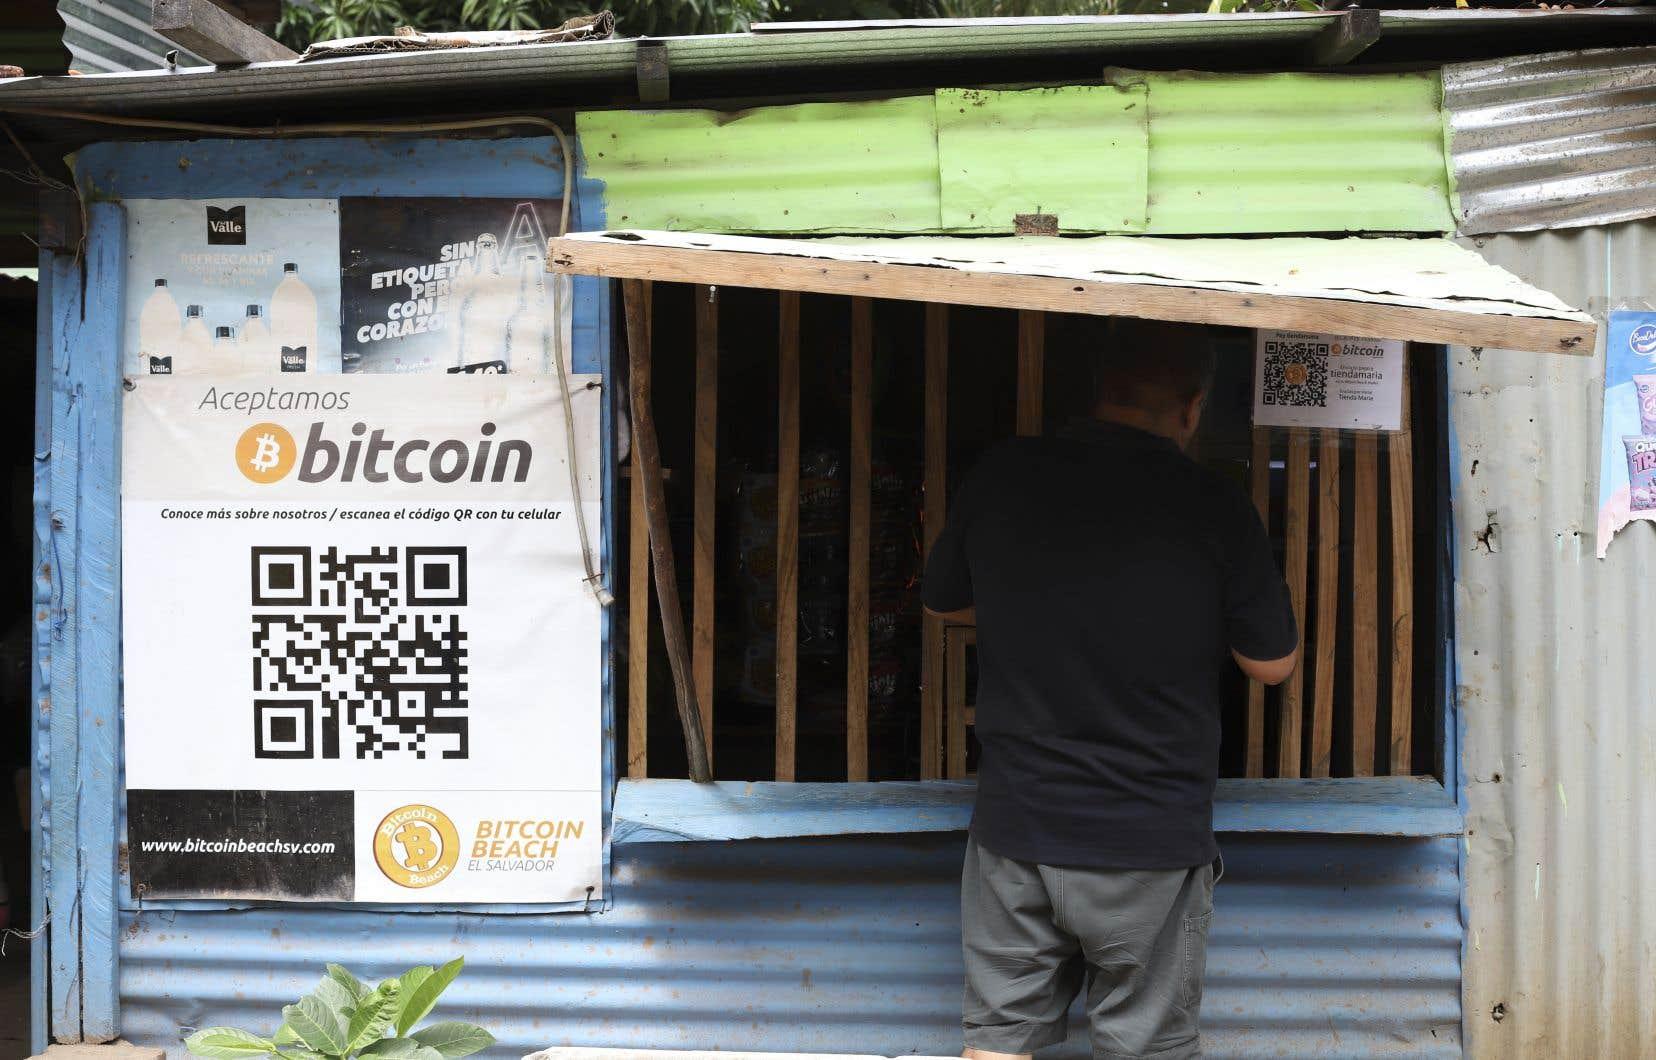 Le Salvador utilise le dollar américain comme monnaie officielle, mais il a approuvé le 9juin l'adoption du bitcoin comme devise légale.